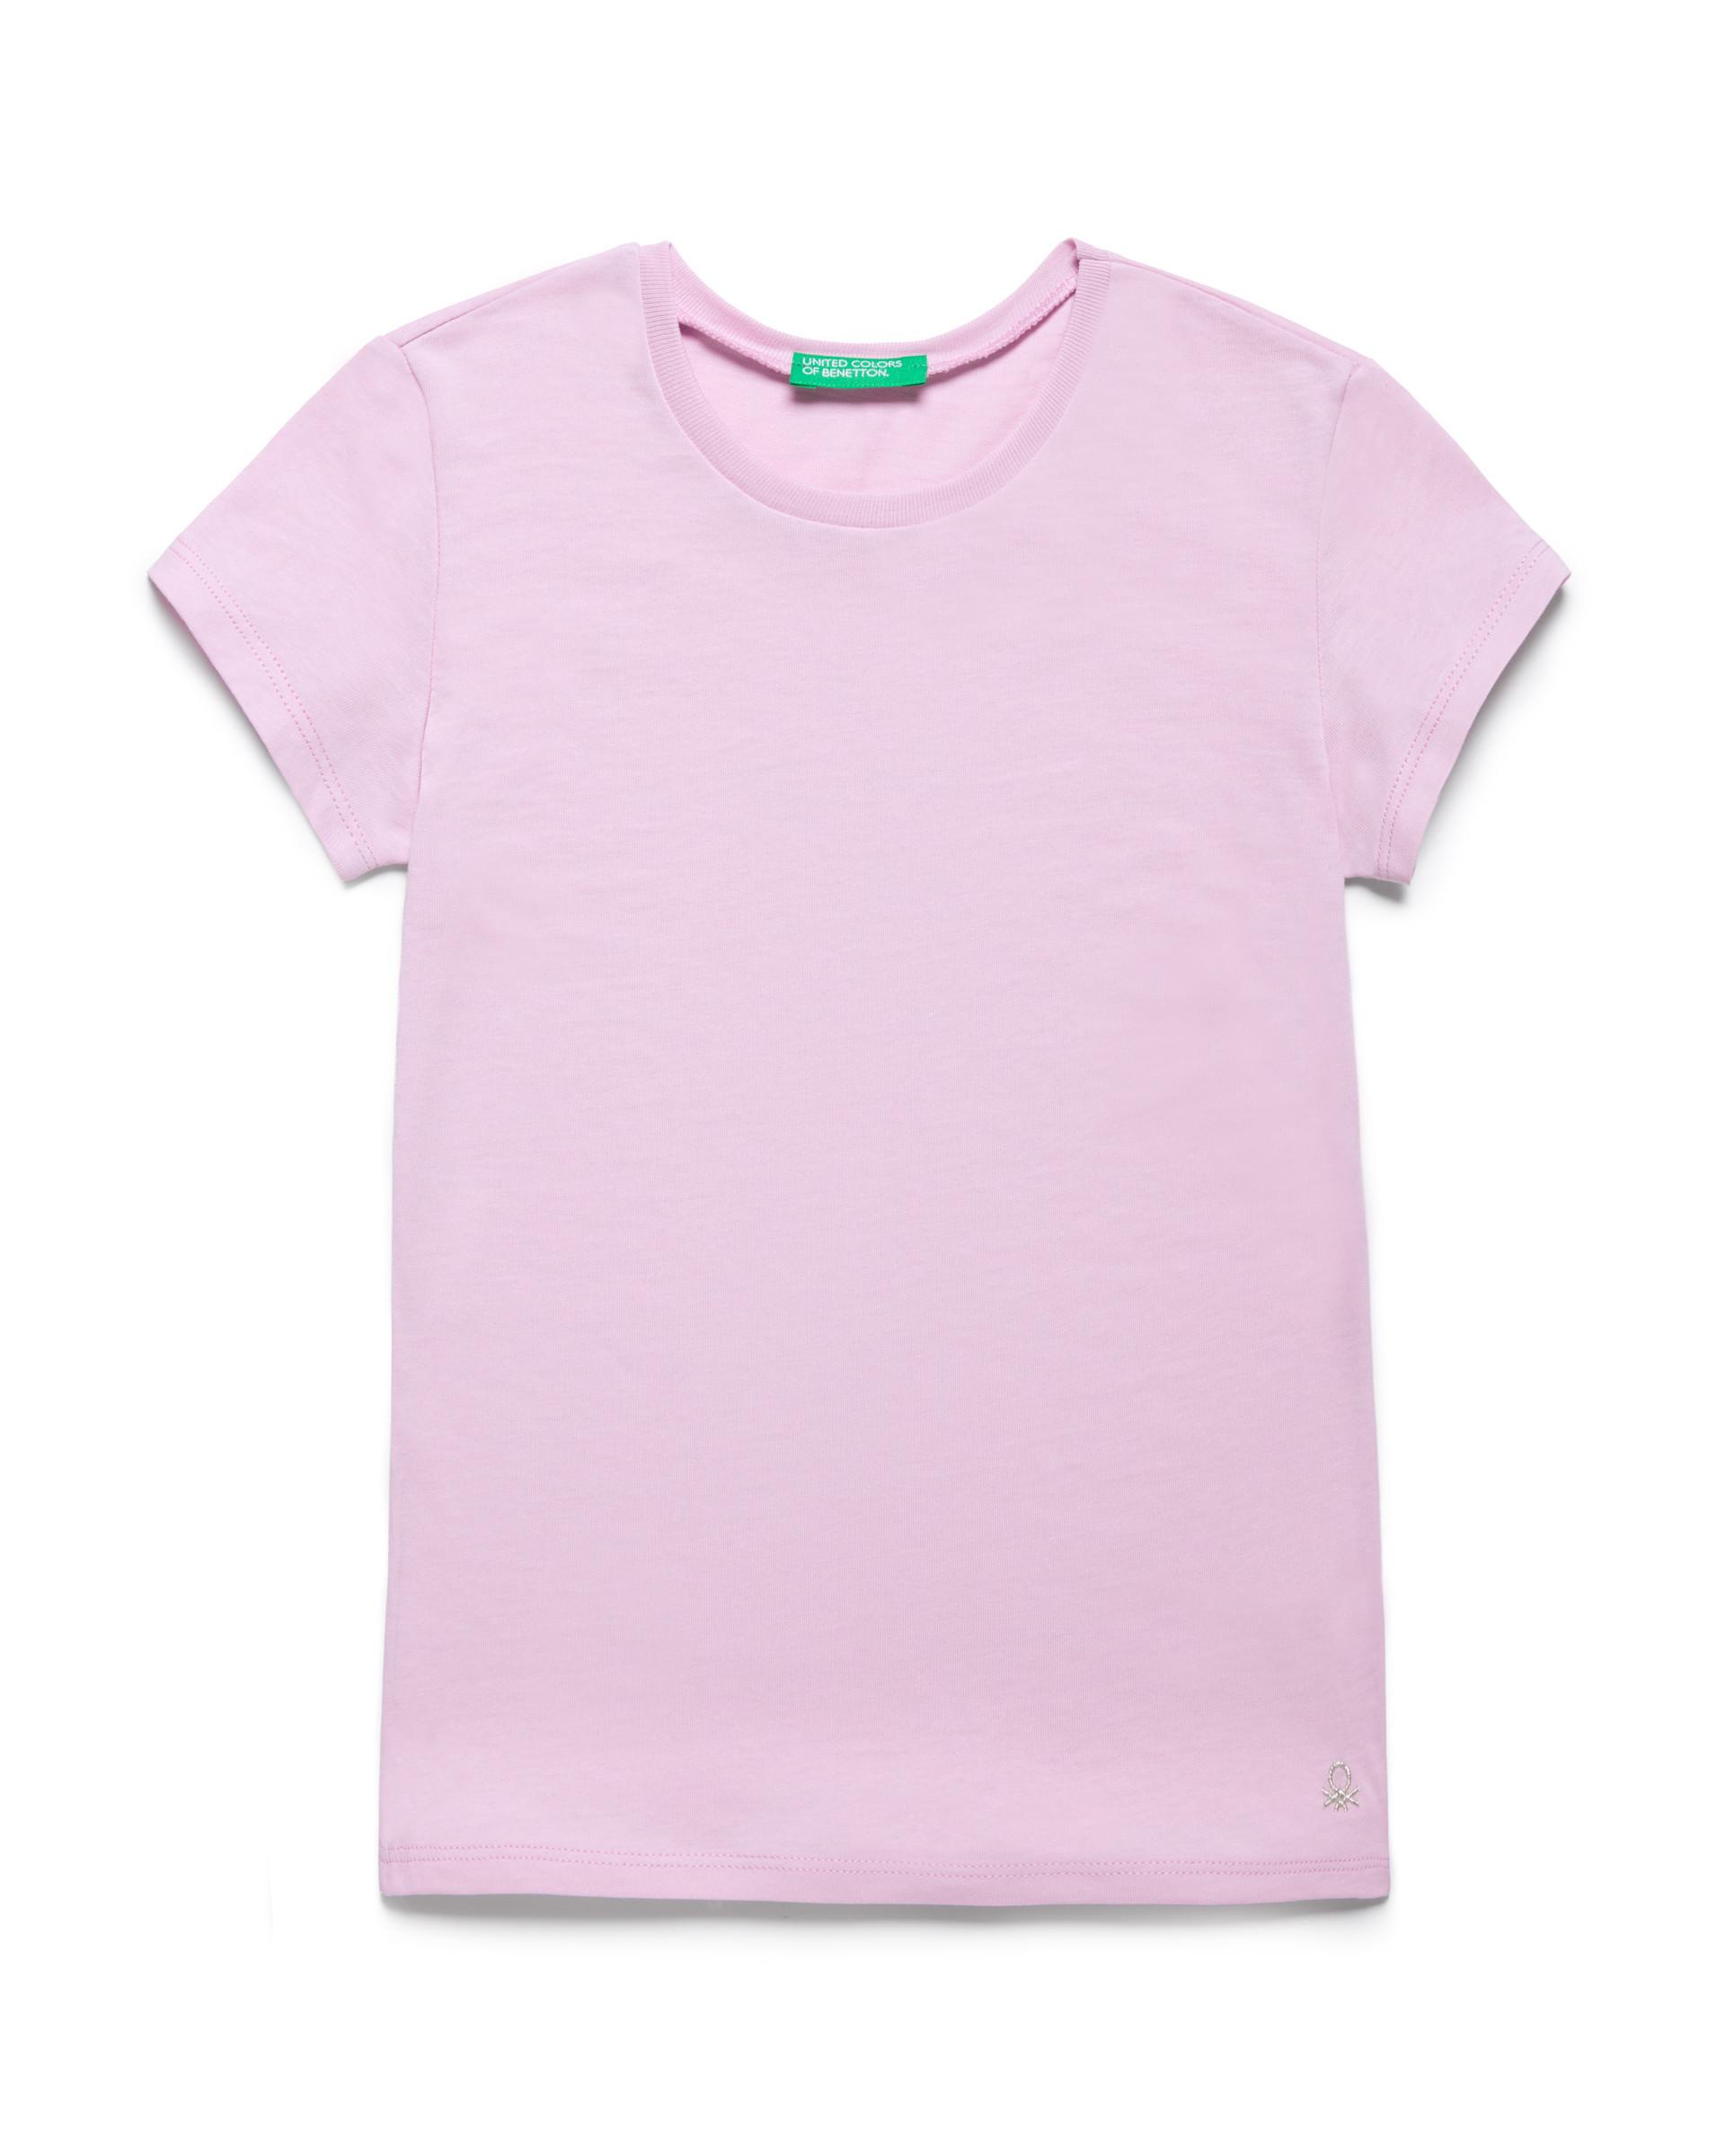 Купить 20P_3I1XC13J1_07M, Футболка для девочек Benetton 3I1XC13J1_07M р-р 92, United Colors of Benetton, Кофточки, футболки для новорожденных